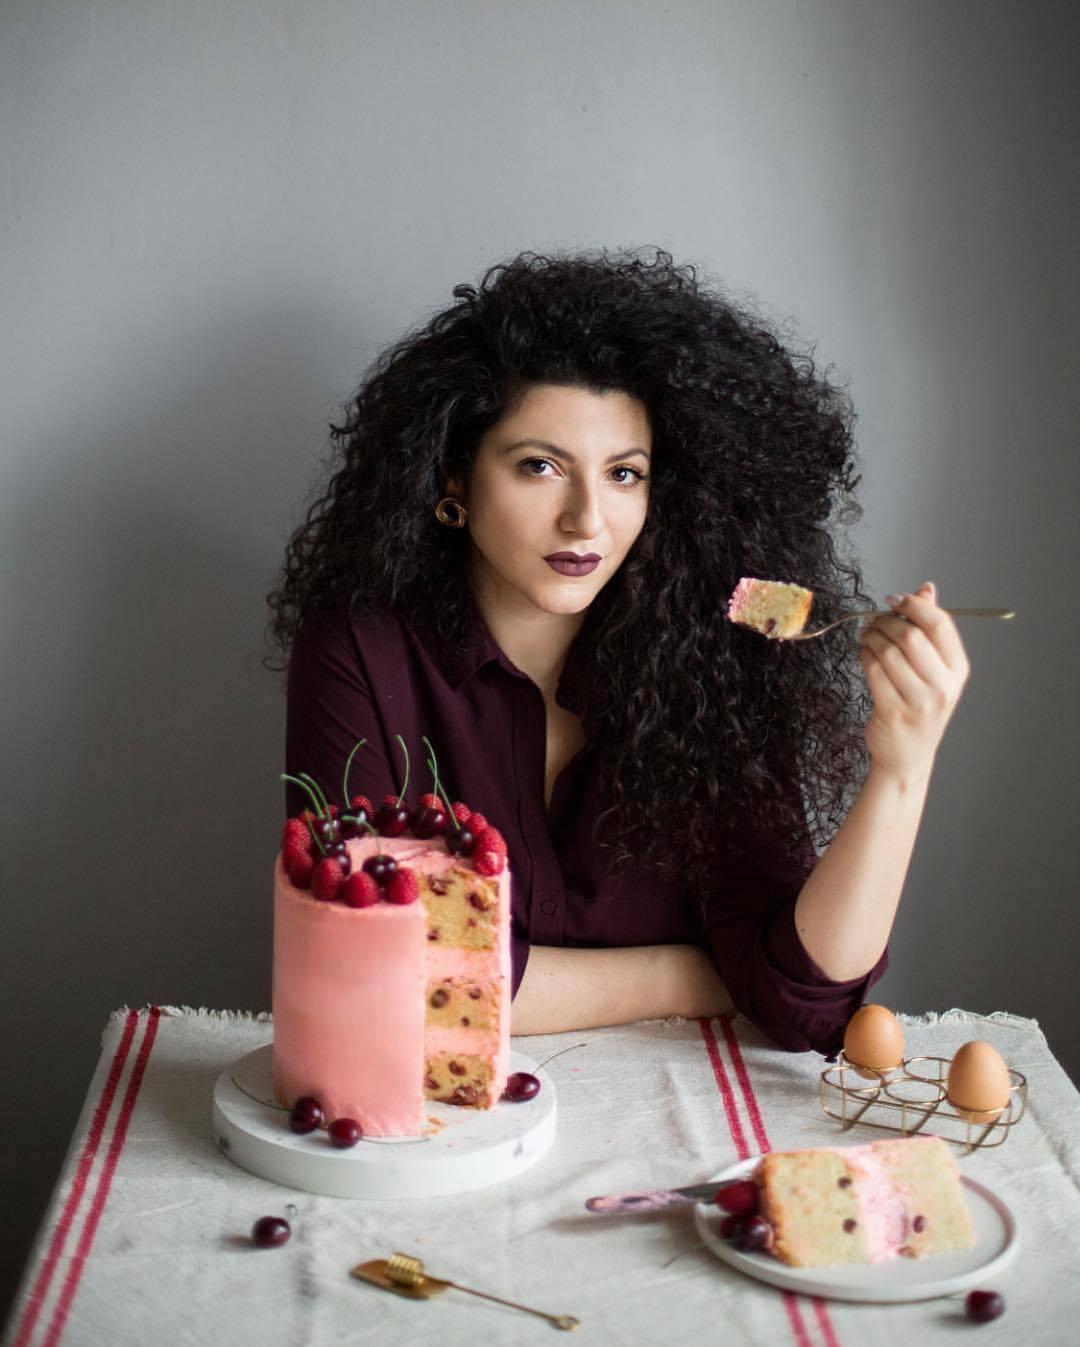 宠物-这位漂亮的美女蛋糕师,让猫咪来为蛋糕代言,将平淡无奇的蛋糕化腐朽为神奇(11)